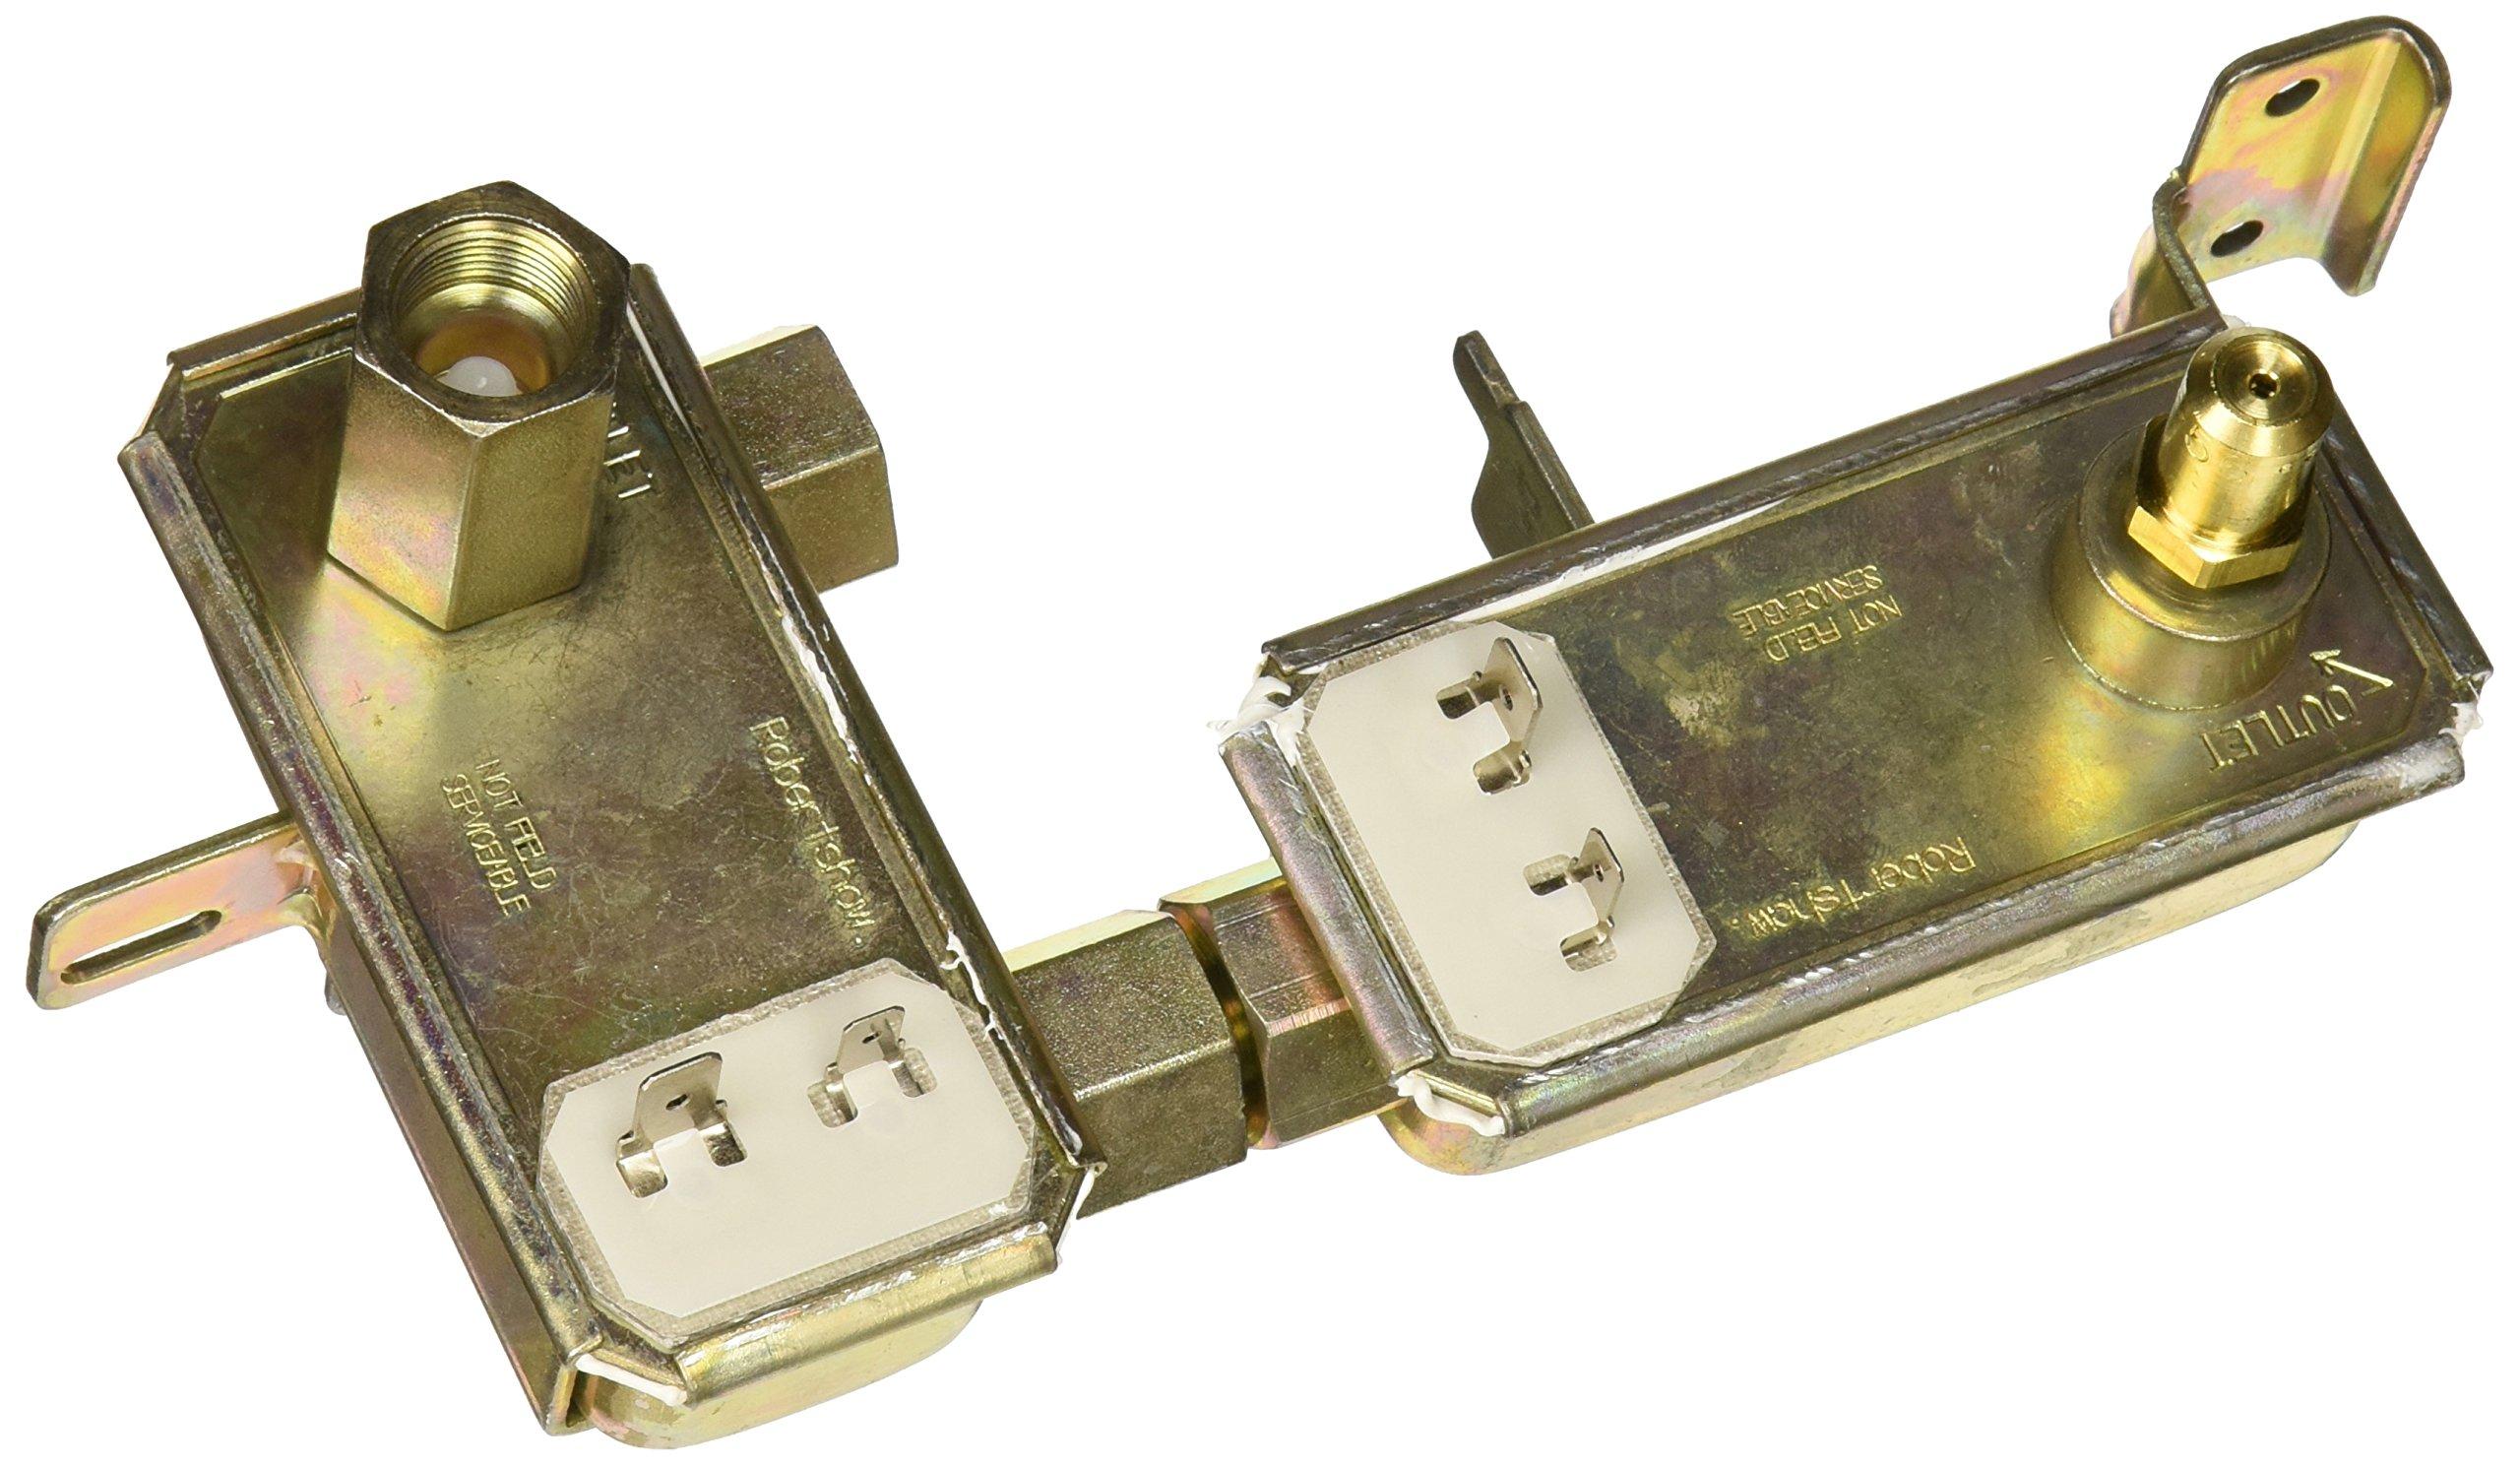 Electrolux Part Number 316404901: Safety Valve